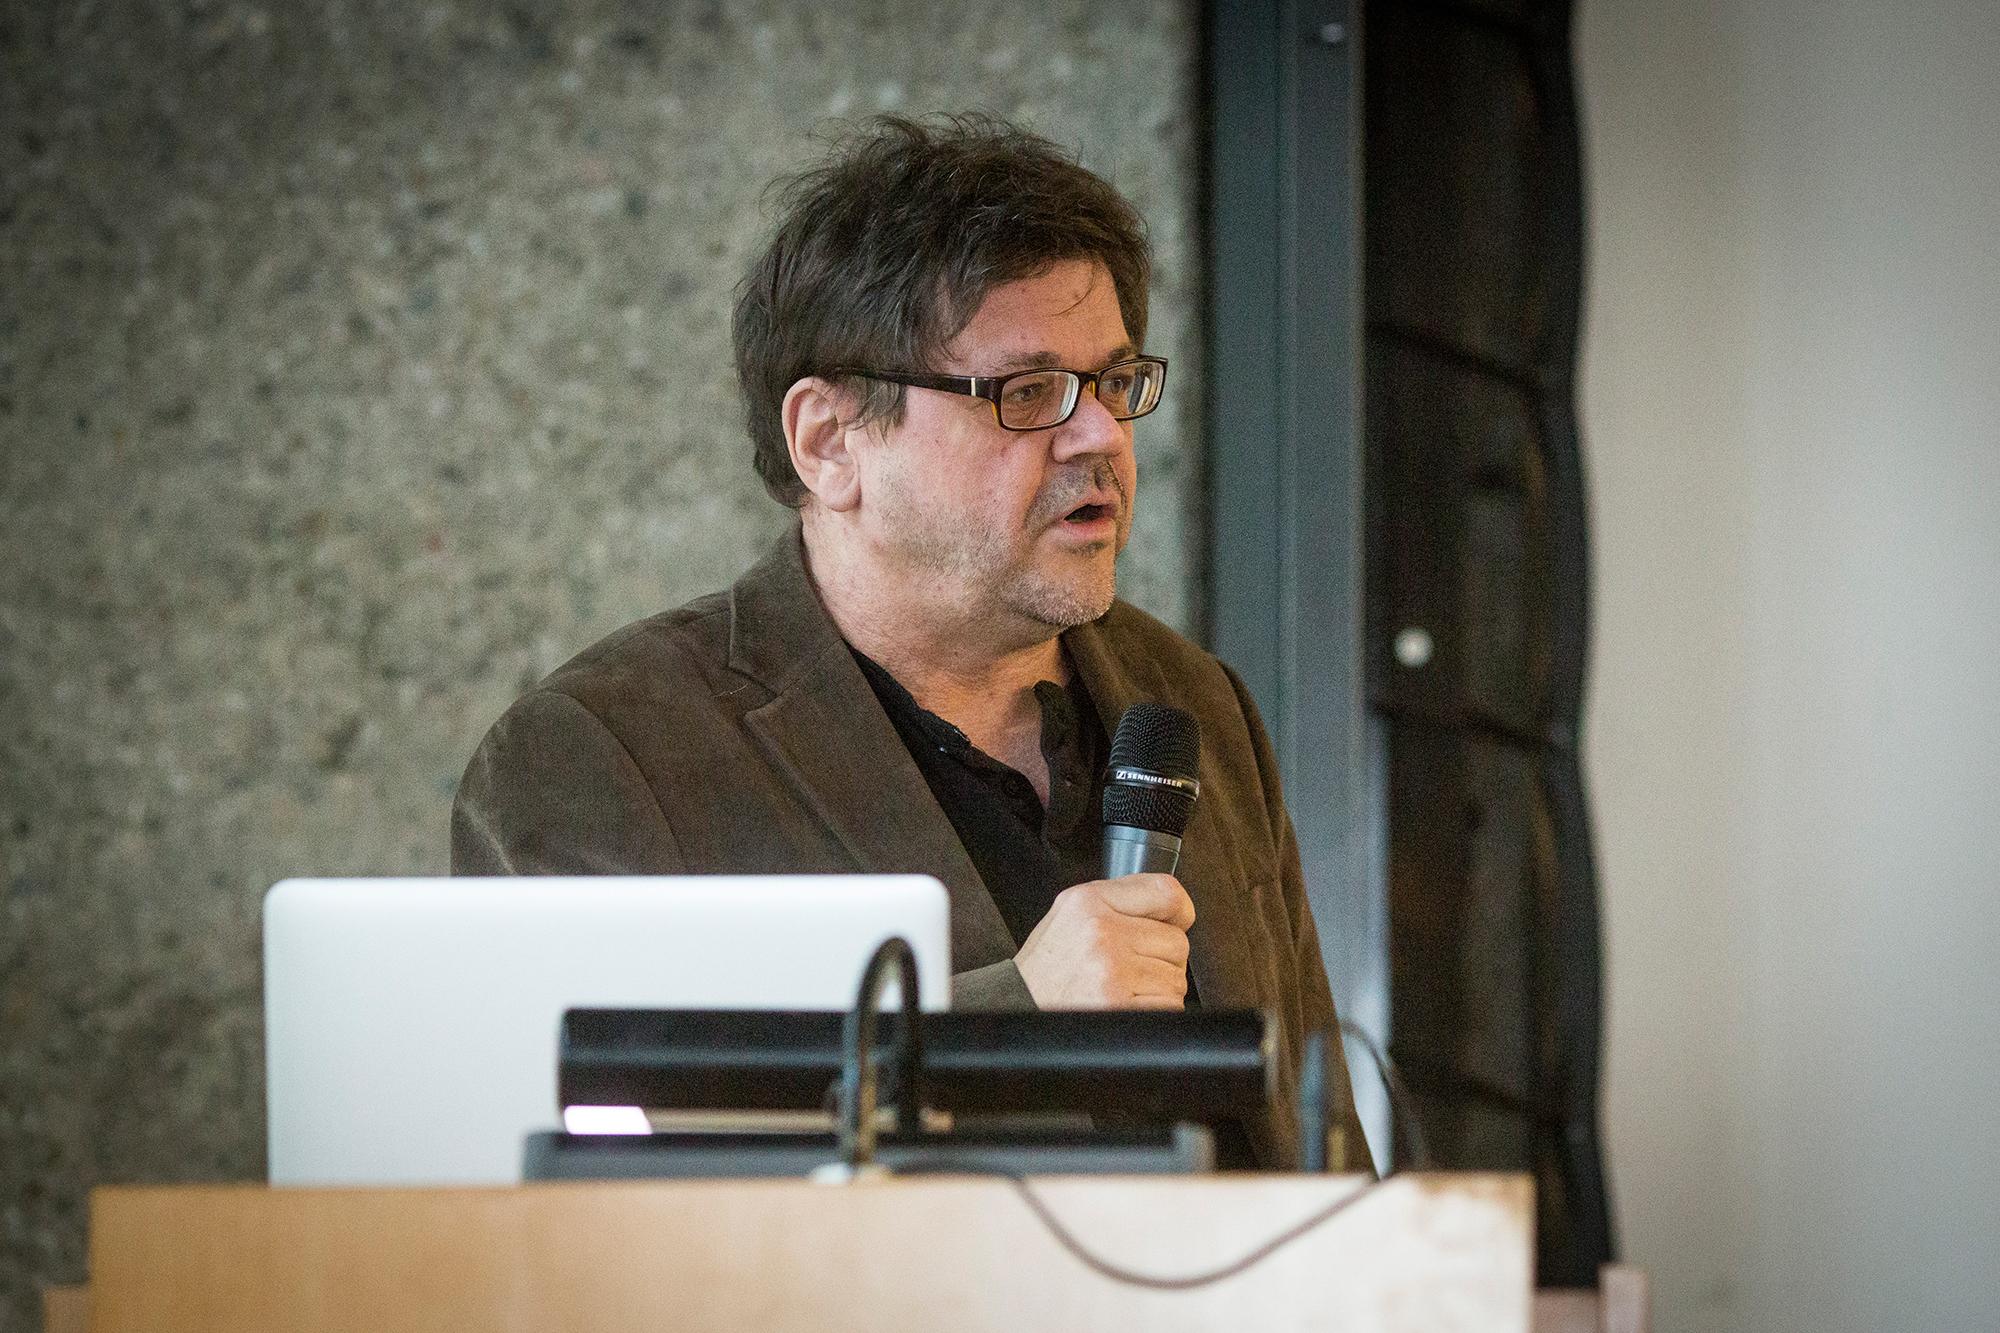 """Vortrag aus der Reihe """"Architectural Tuesday"""" mit Prof. Luigi Snozzi am 28.04.2015 im Karl-Schüßler-Saal der FH Köln, """"Es lebe der Widerstand"""""""